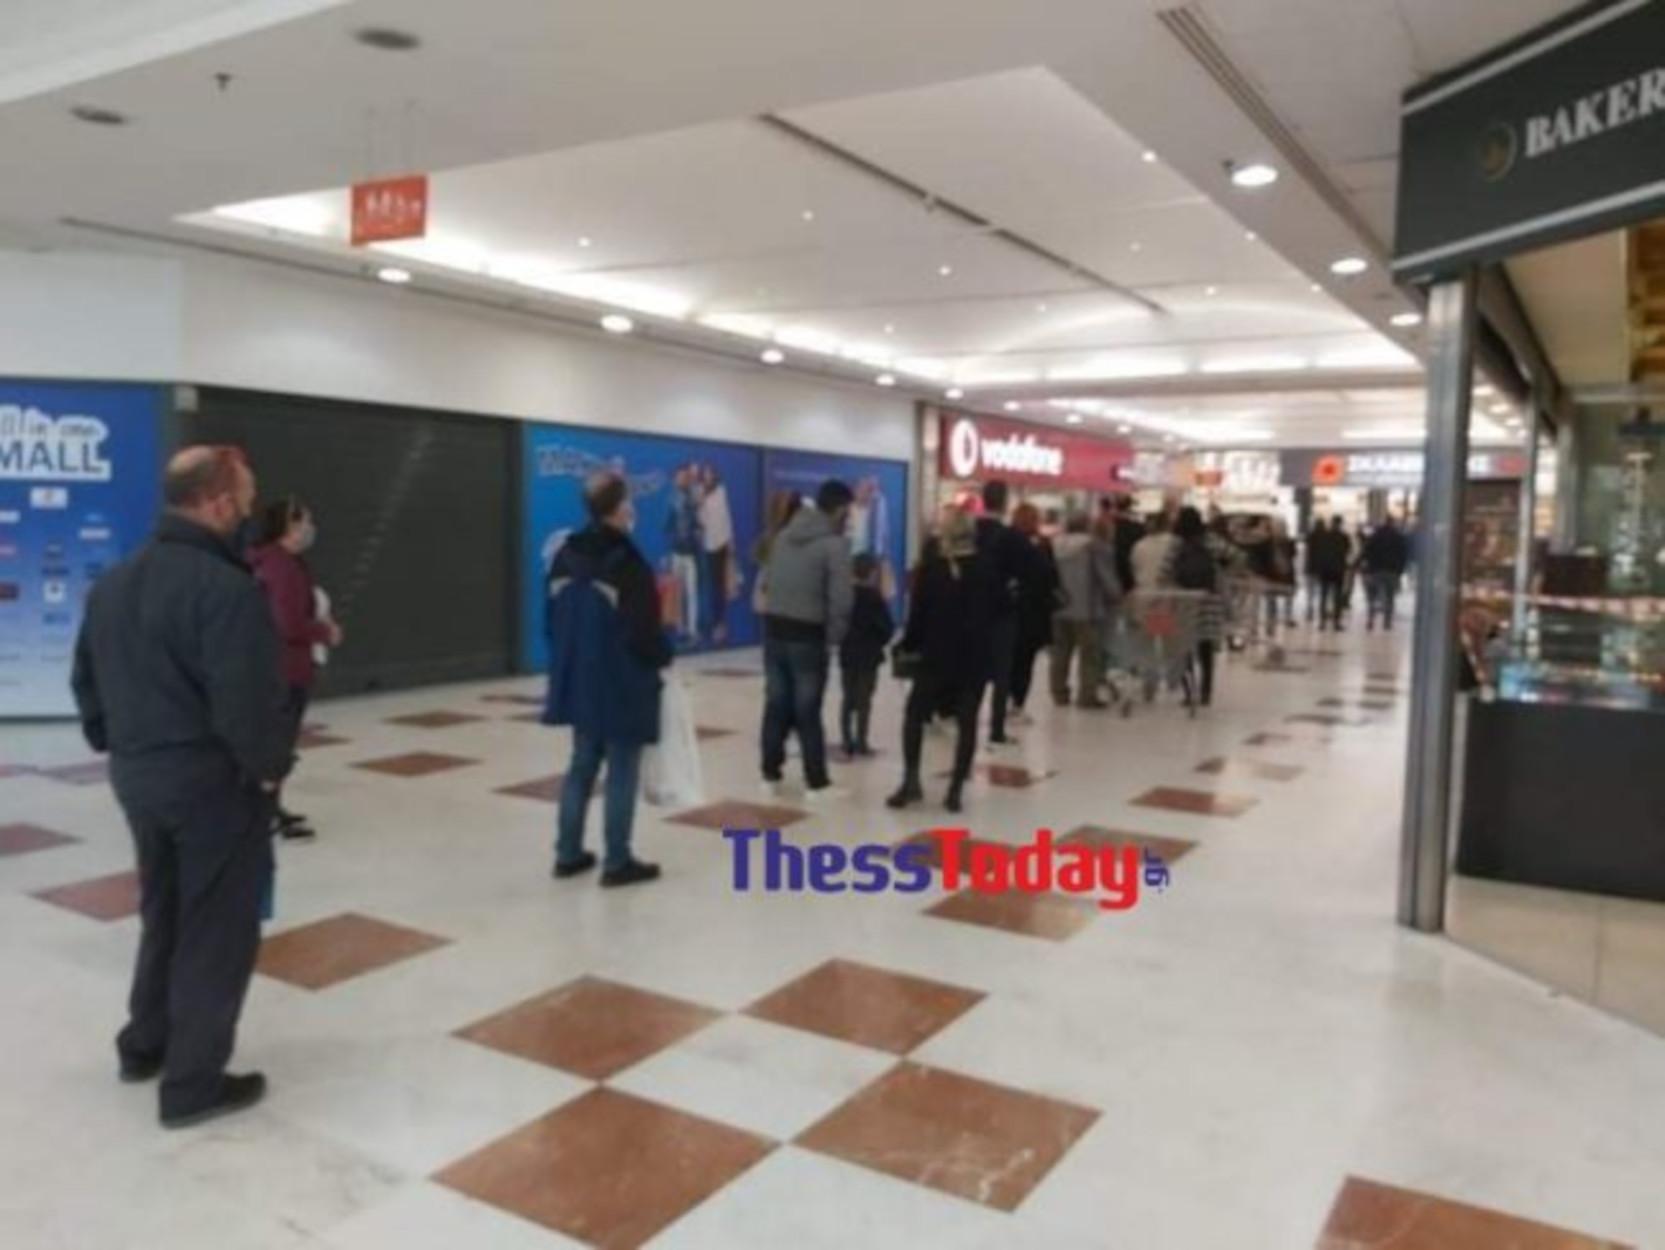 Θεσσαλονίκη: Σπεύδουν να προλάβουν! Τεράστιες ουρές στα σουπερ μάρκετ (pics)